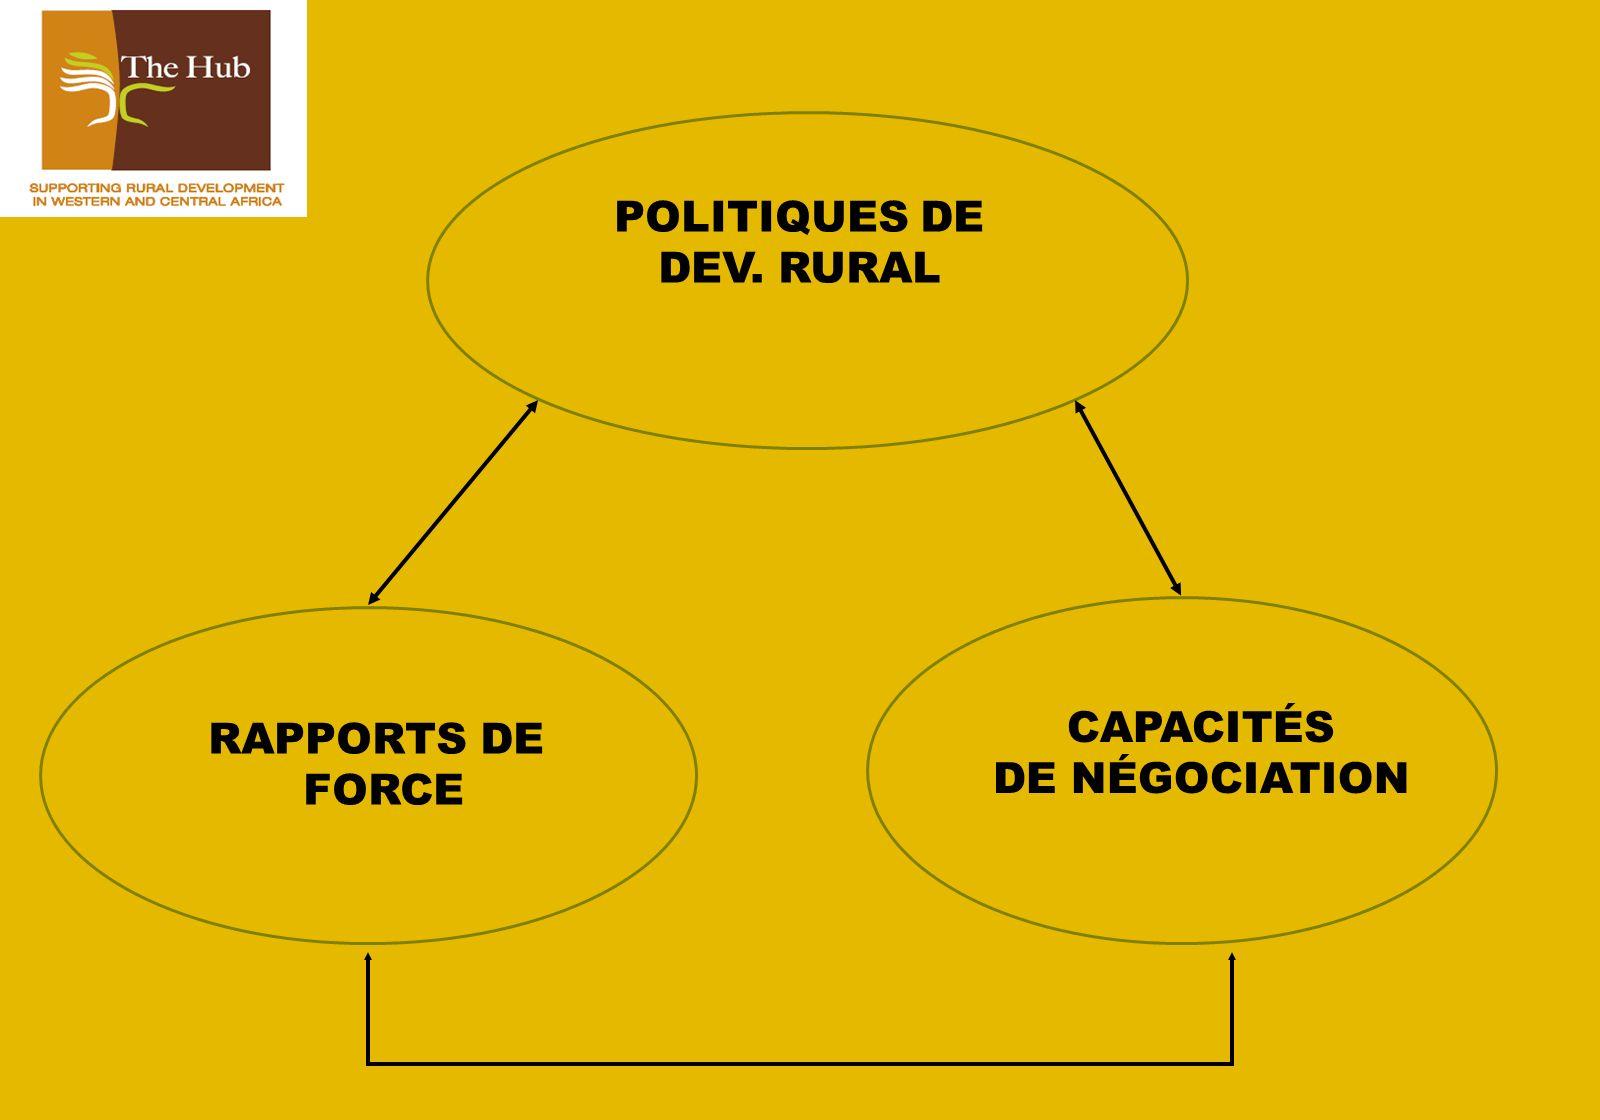 MÉDIATION Dialogue politique Ex: Concertation ECOWAP APPORT DEXPERTISE Ex: Mali, Mauritanie… (LOA)(Sécurité alimentaire) Mise en réseau Ex: PNRC SYNERGIE Niveau tactique Niveau politique Niveau stratégique